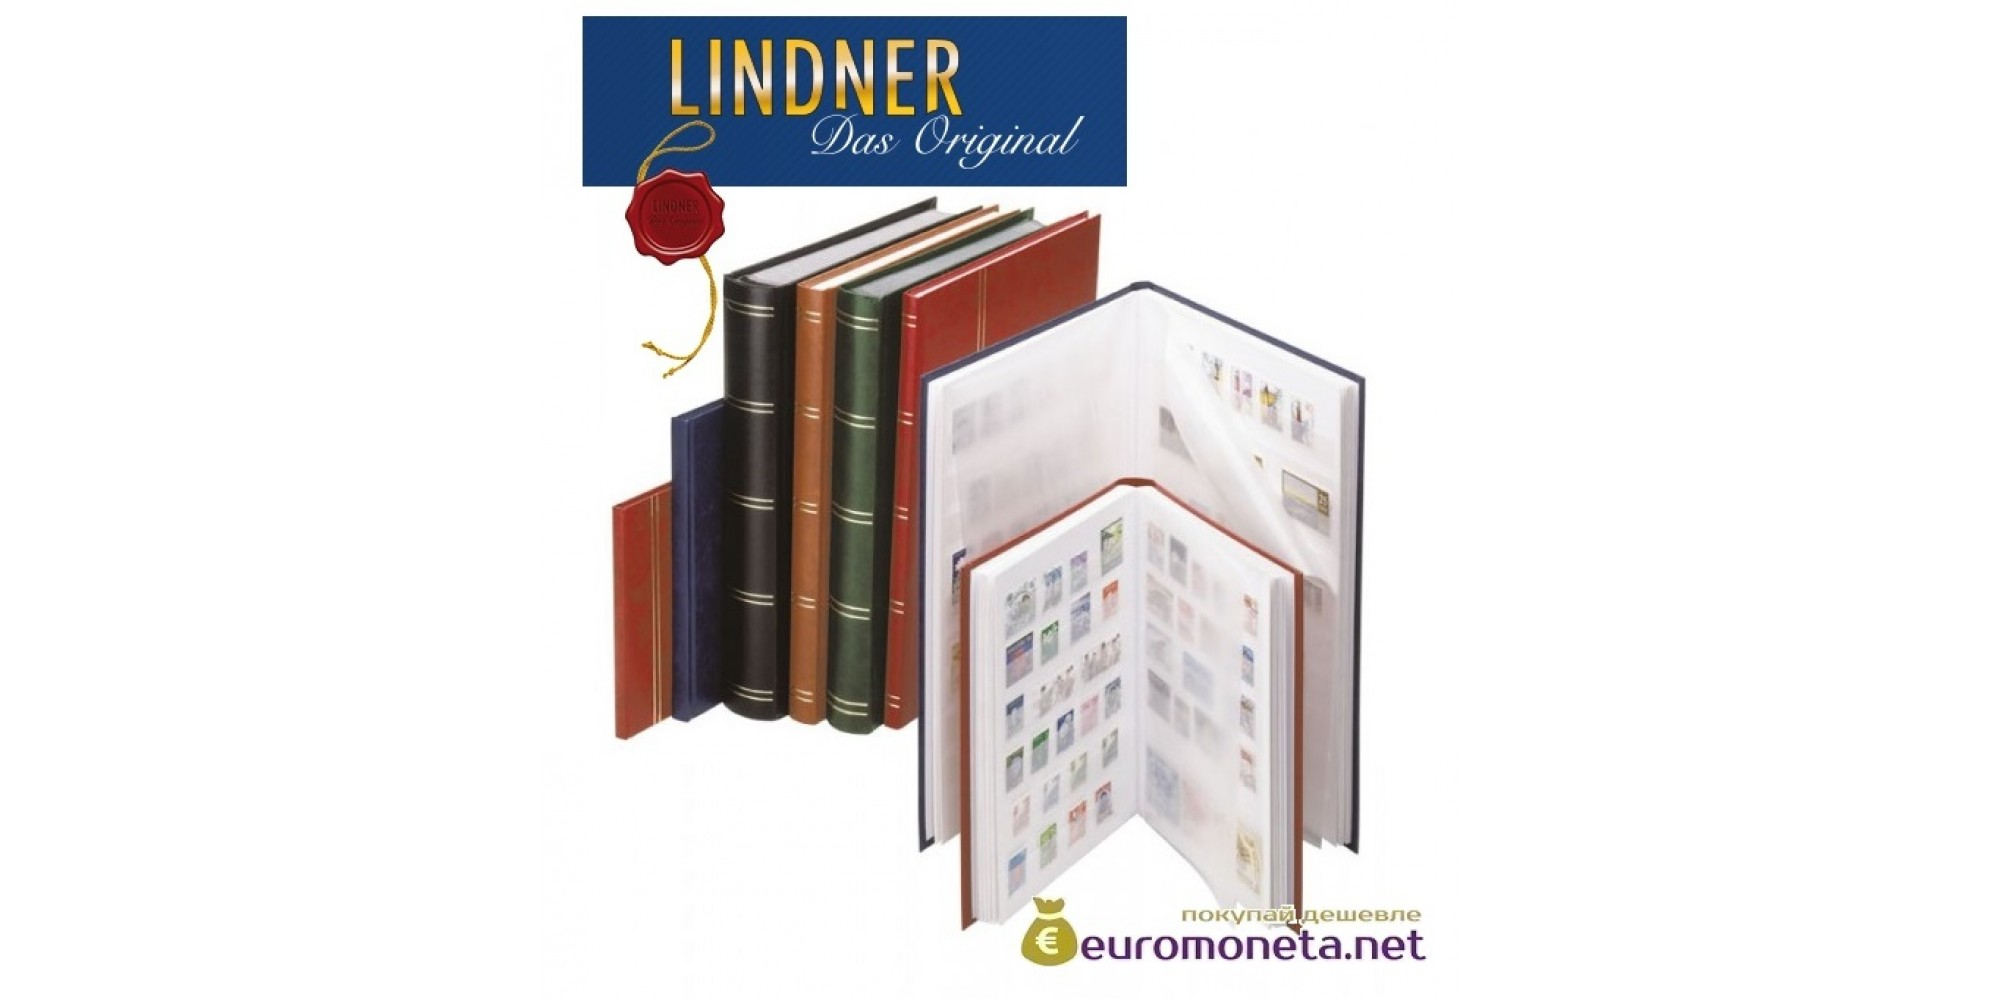 Lindner альбом клеммташ Стандарт 16 белых страниц А5, 165х220 мм, коричневый, Германия